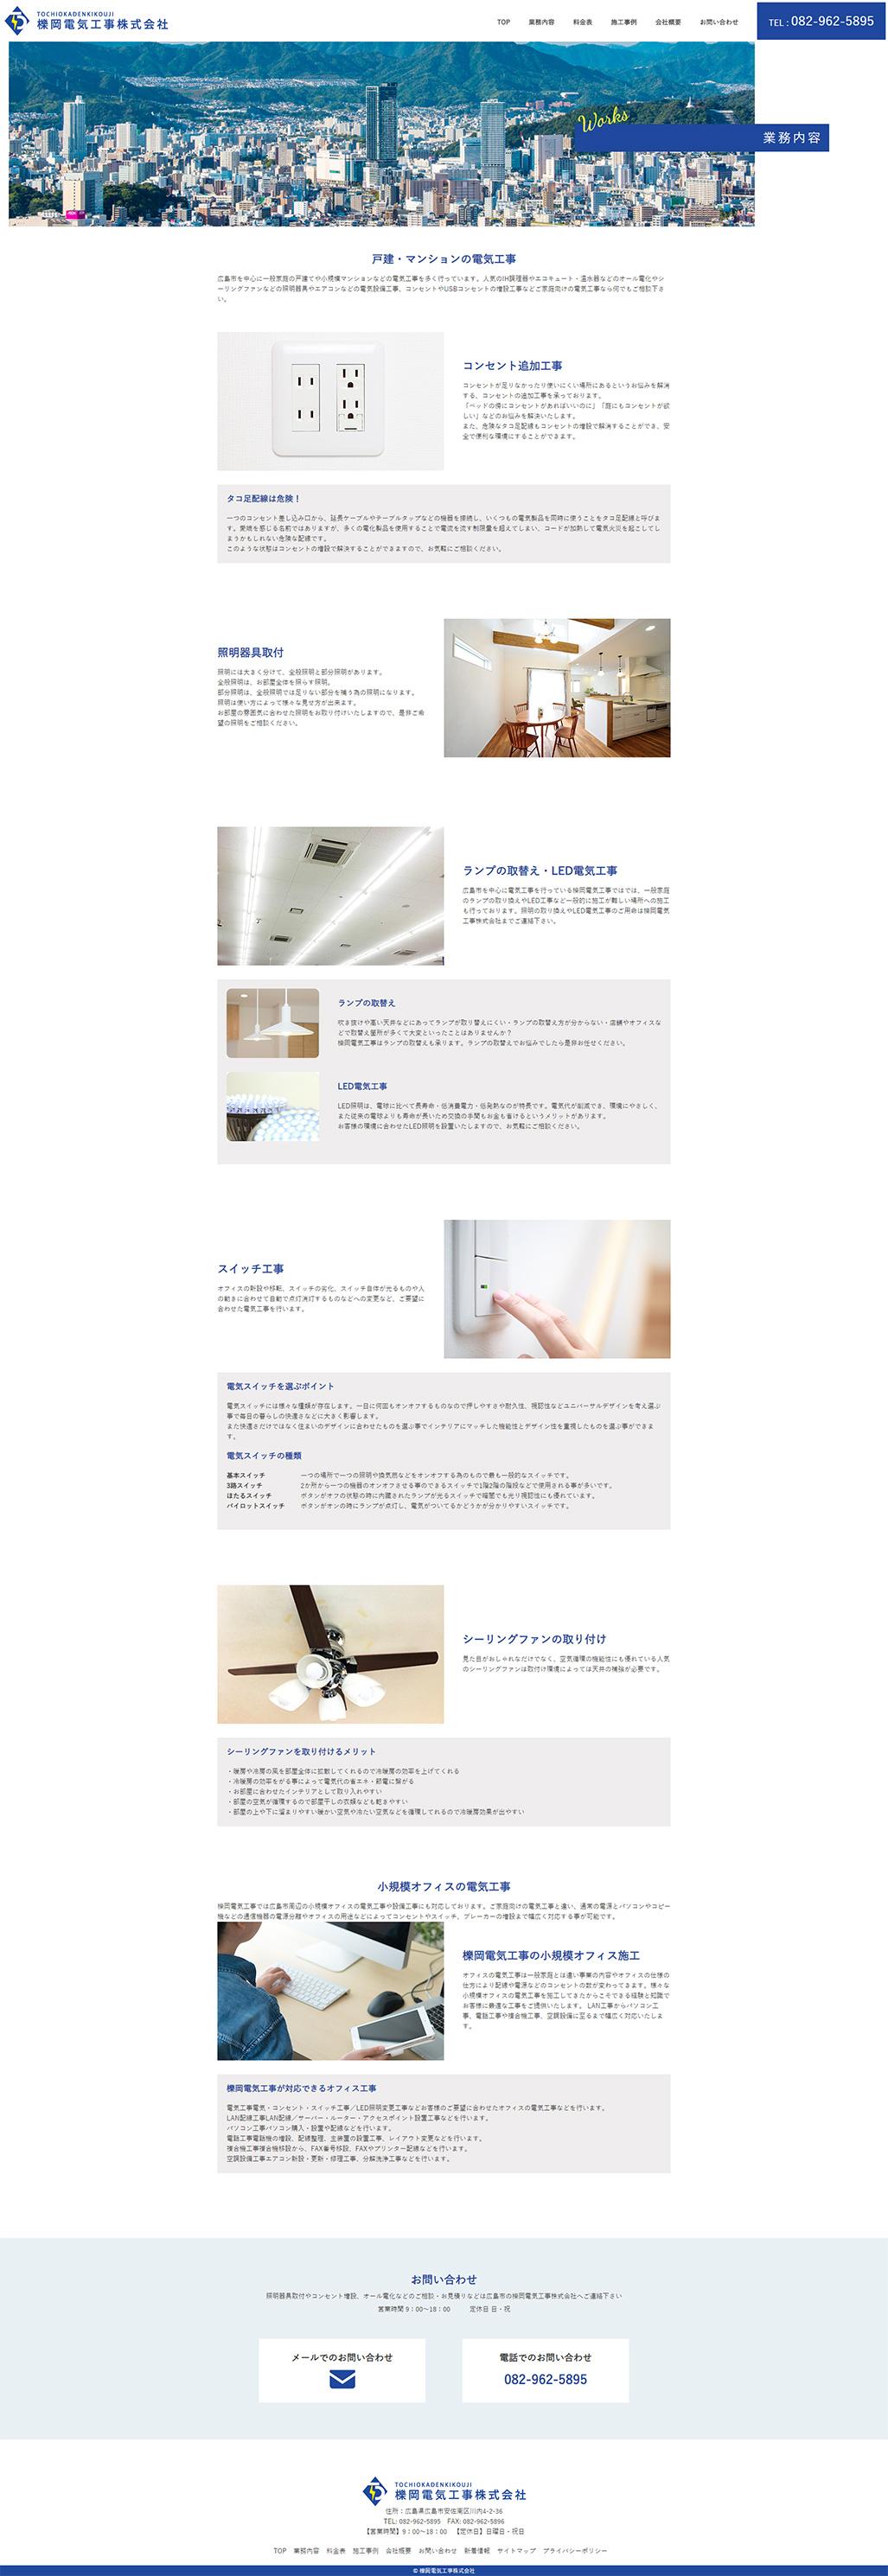 櫟岡電気工事株式会社PC画像2